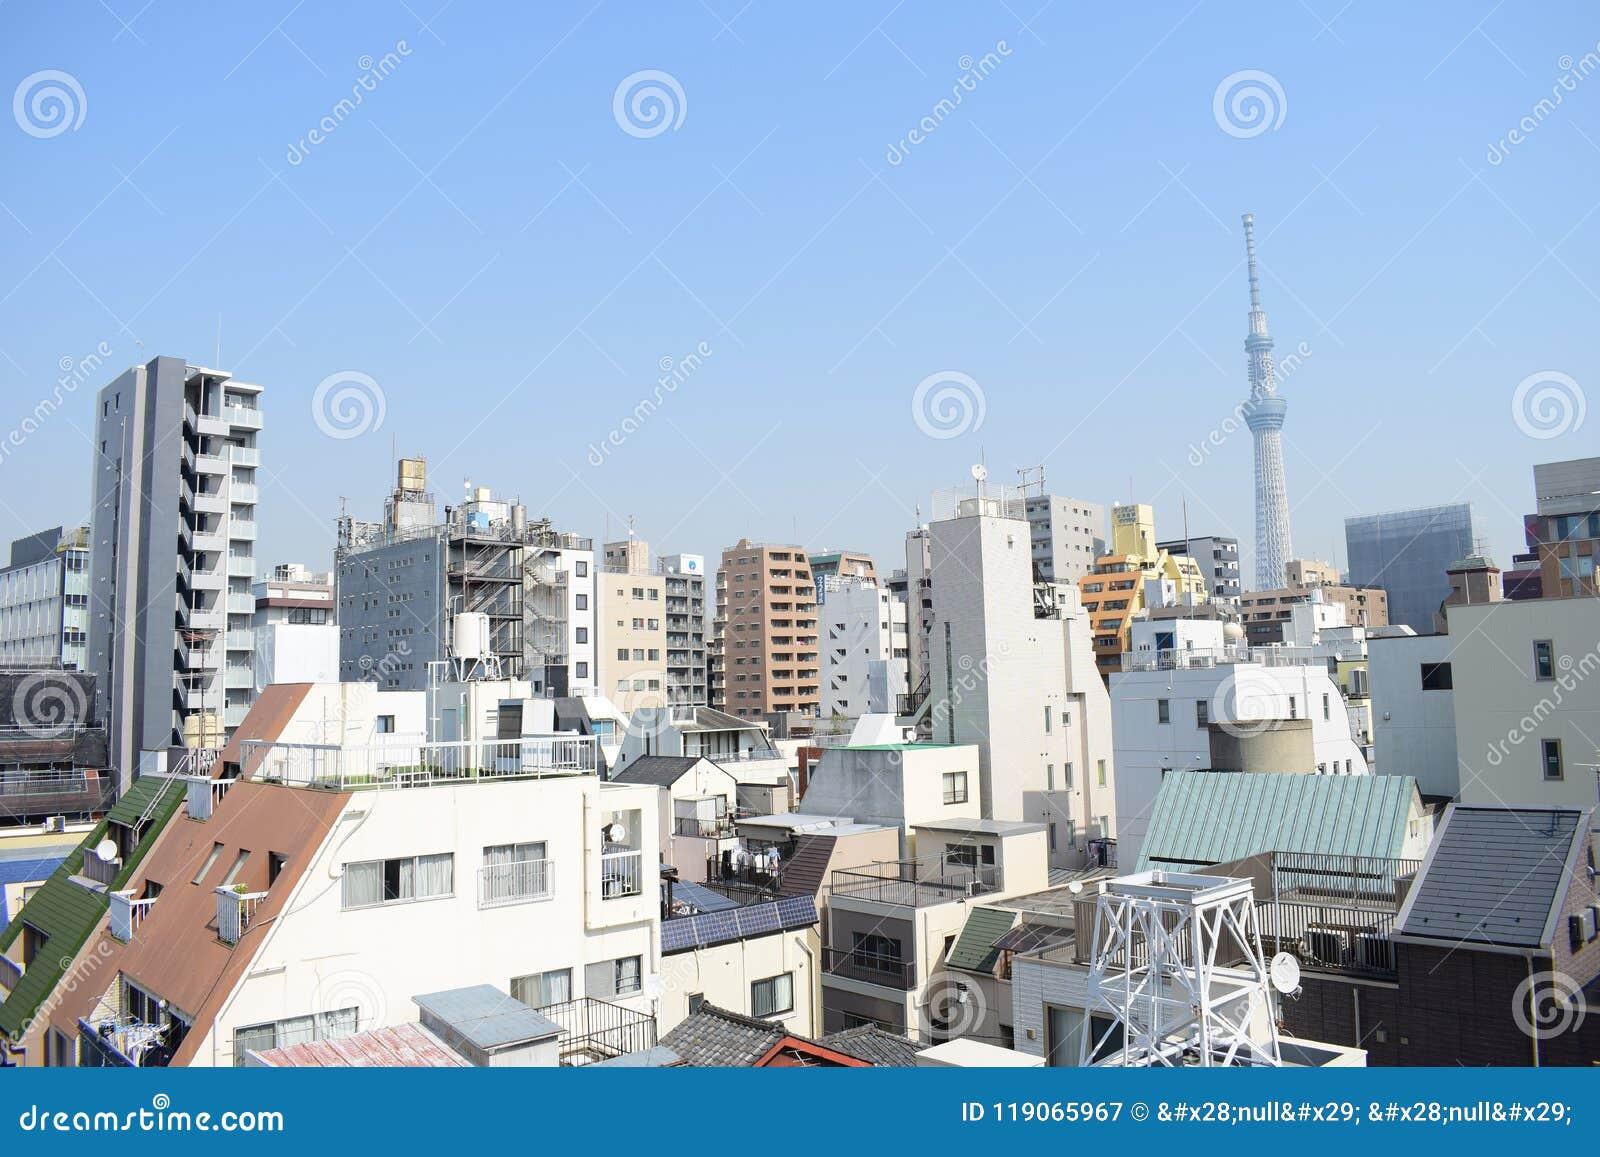 日本东京概要、精妙的现代建筑学屋顶和skytree耸立